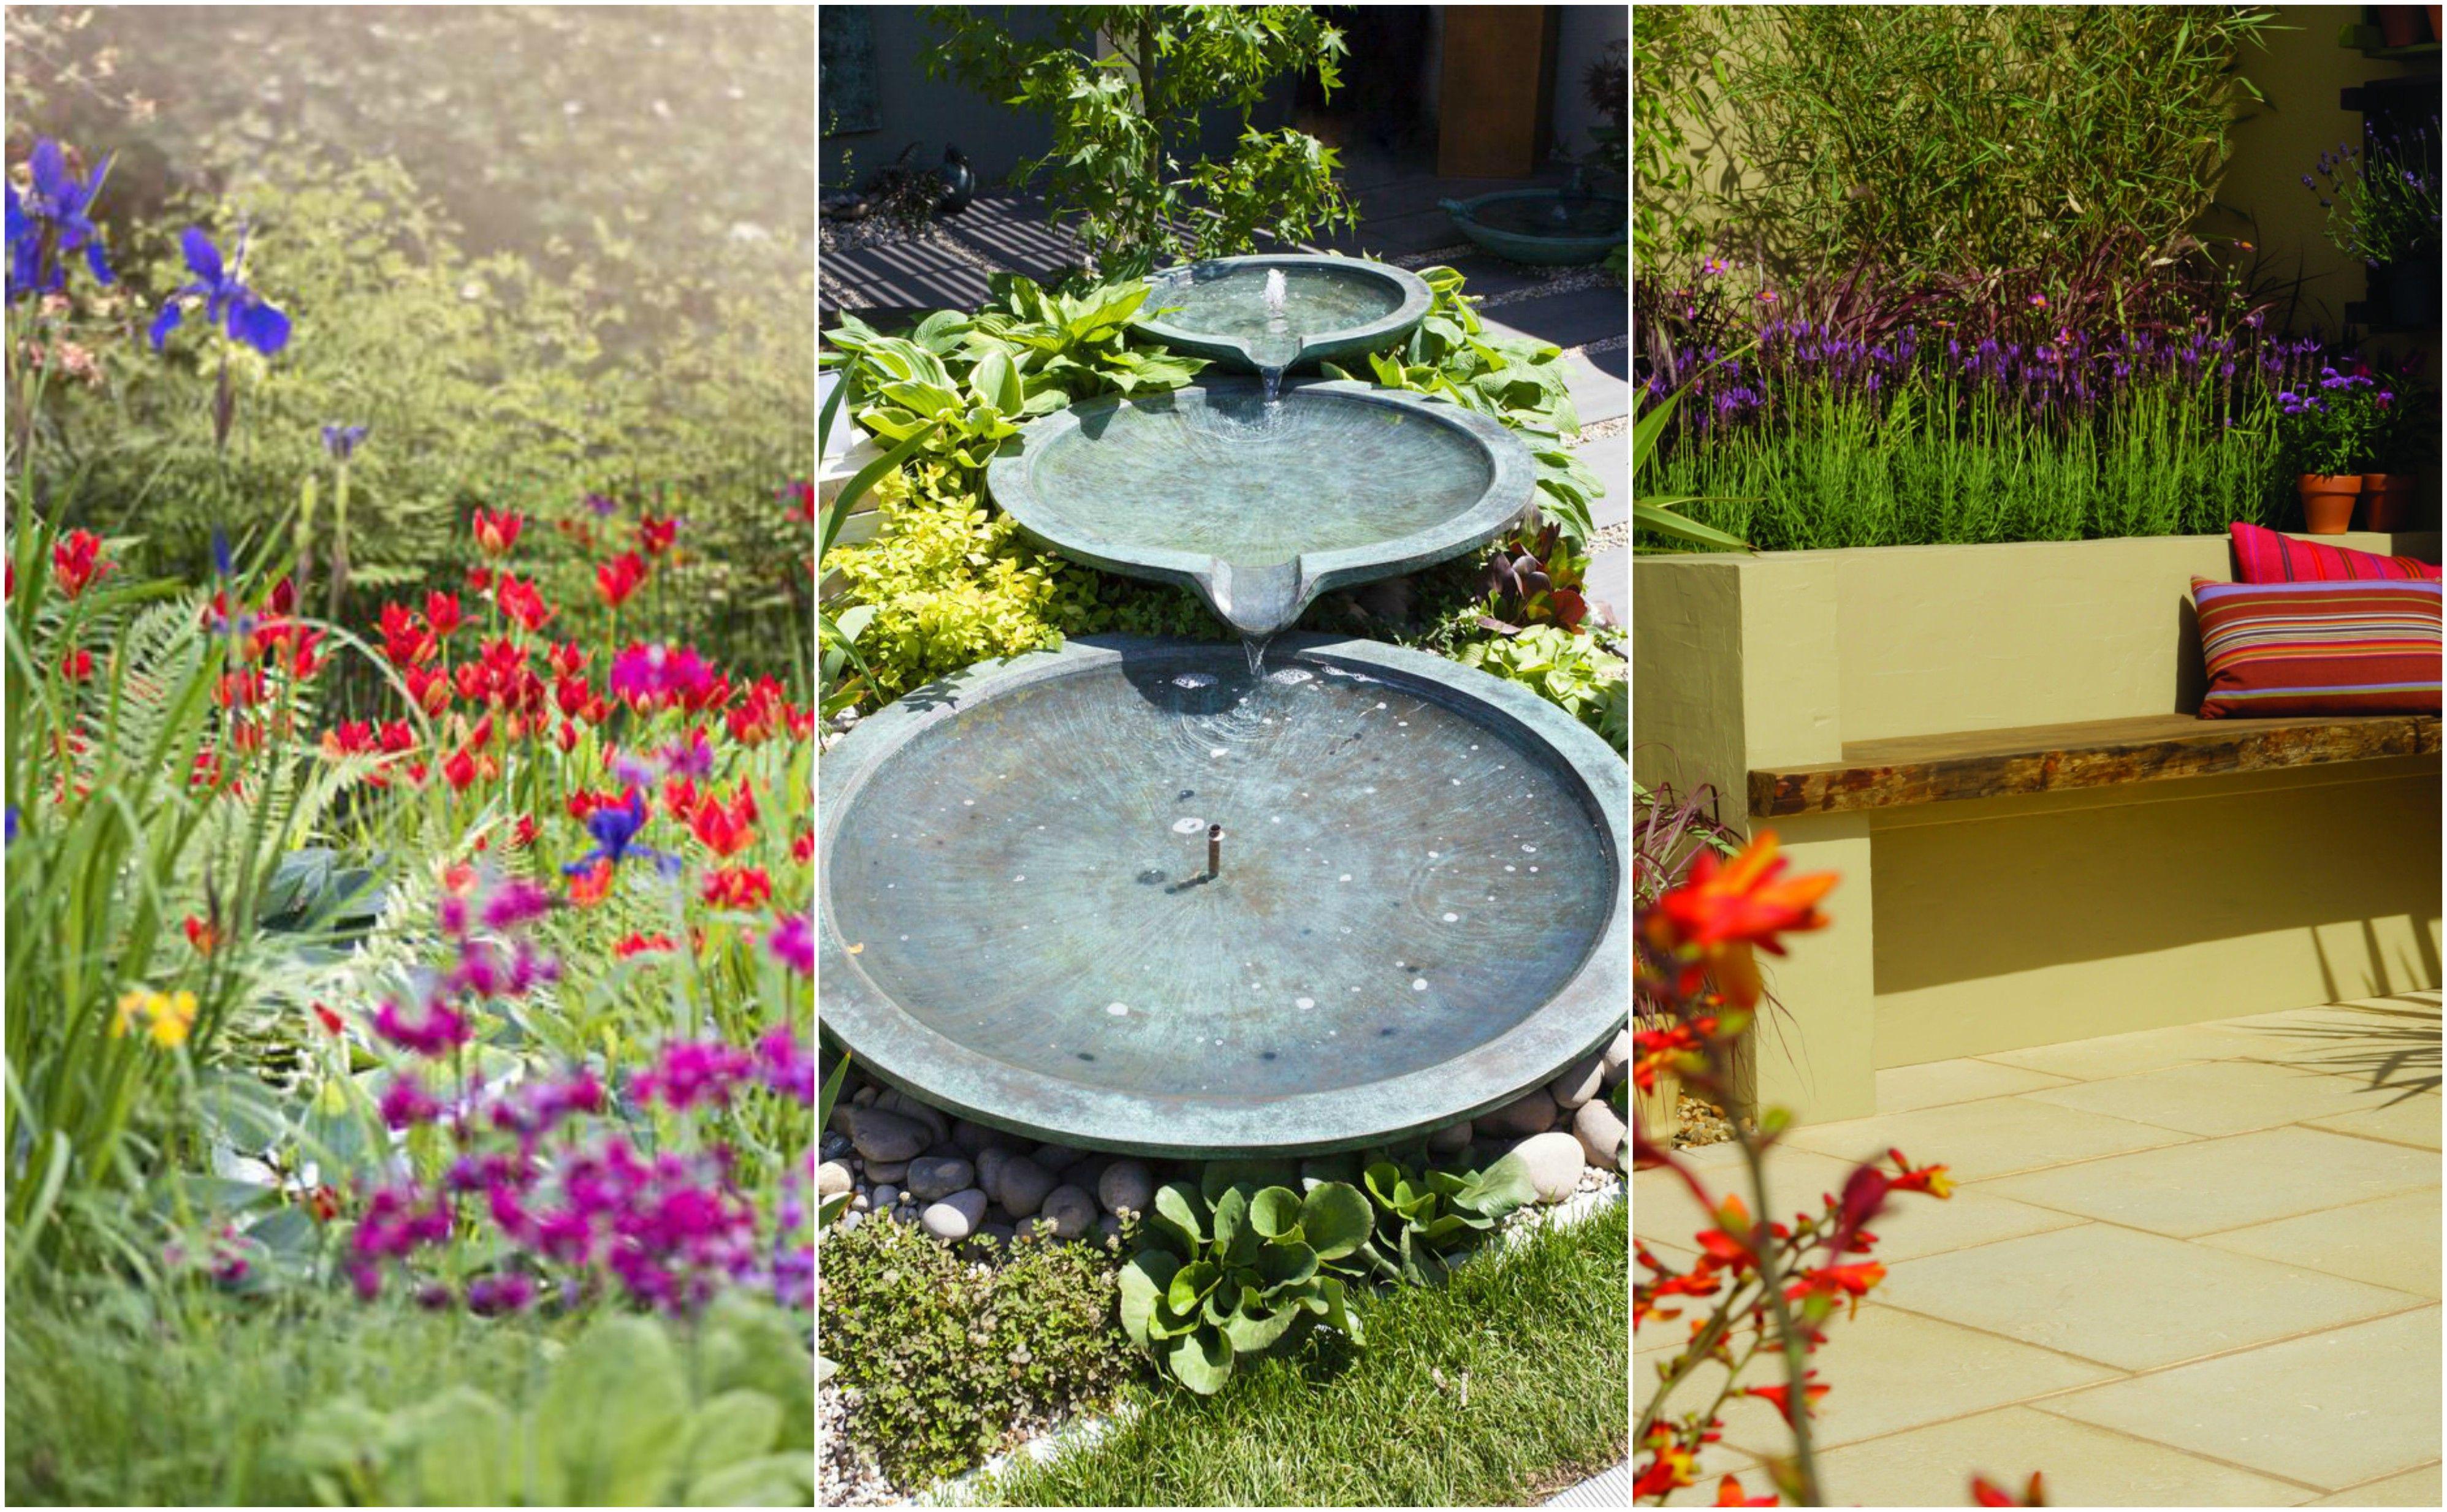 Merveilleux Garden Design Ideas